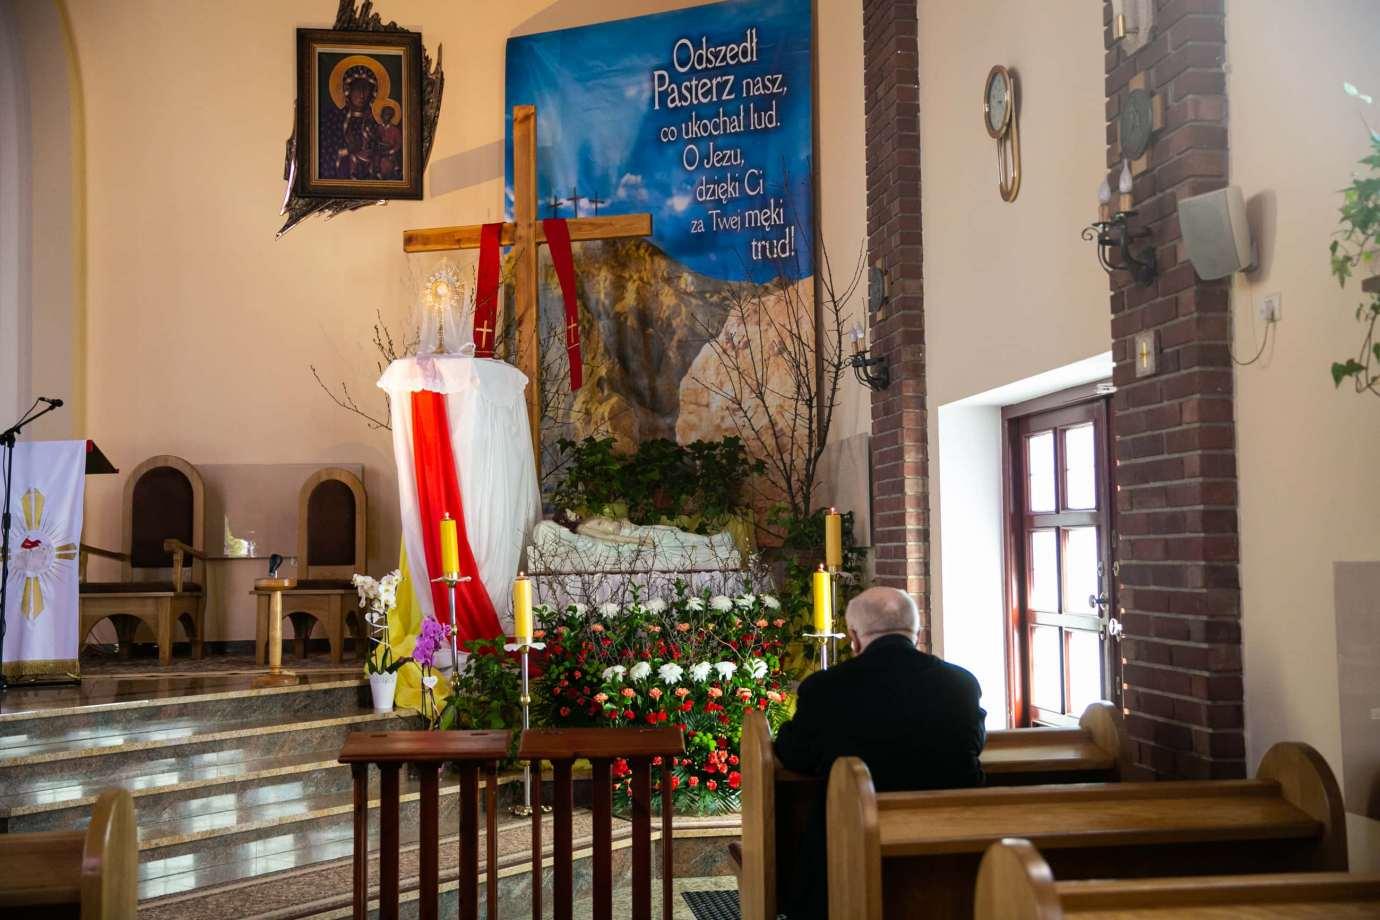 parafia pw milosierdzia bozego w zamosciu 6 Zdjęcia grobów pańskich w zamojskich świątyniach